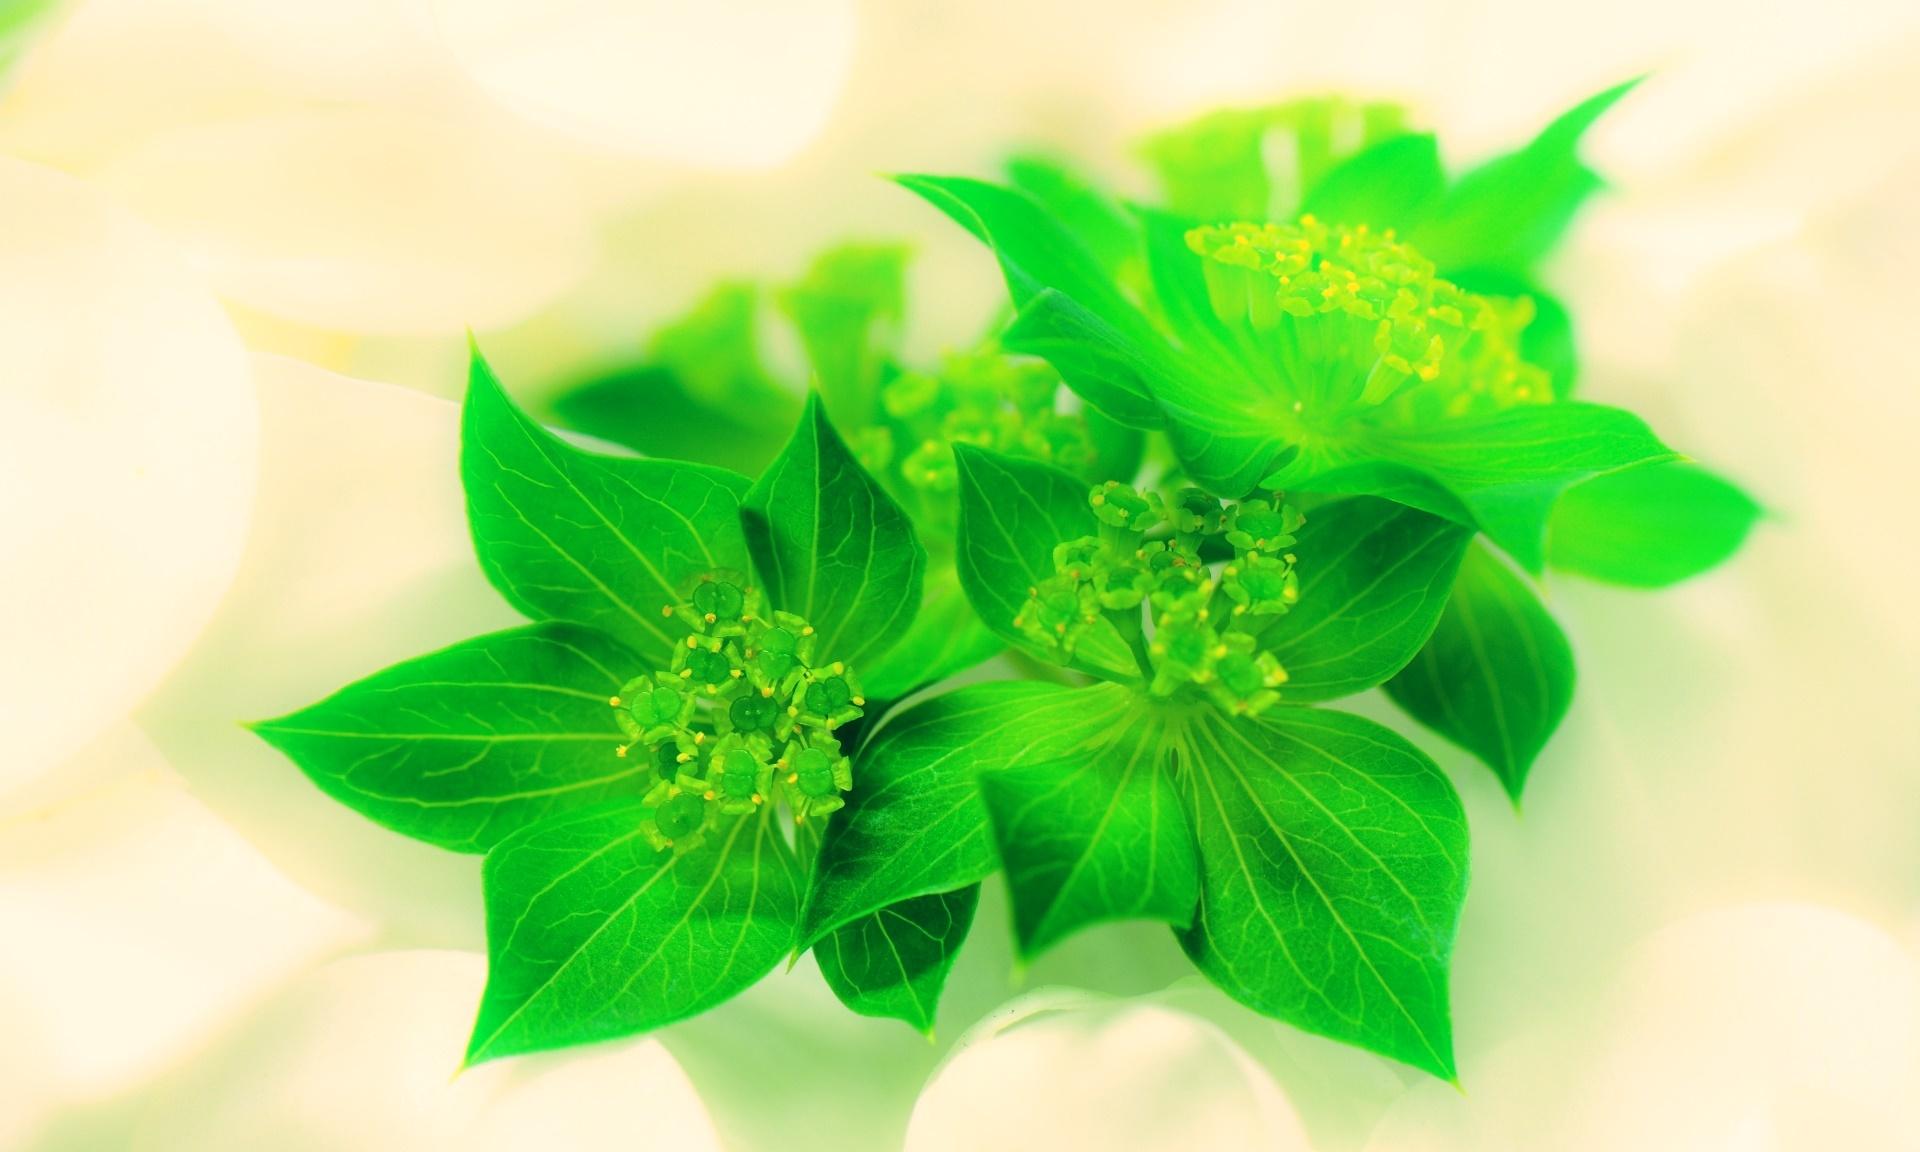 ブプレリウムの育て方!切り花や花束へのアレンジメント方法もご紹介!